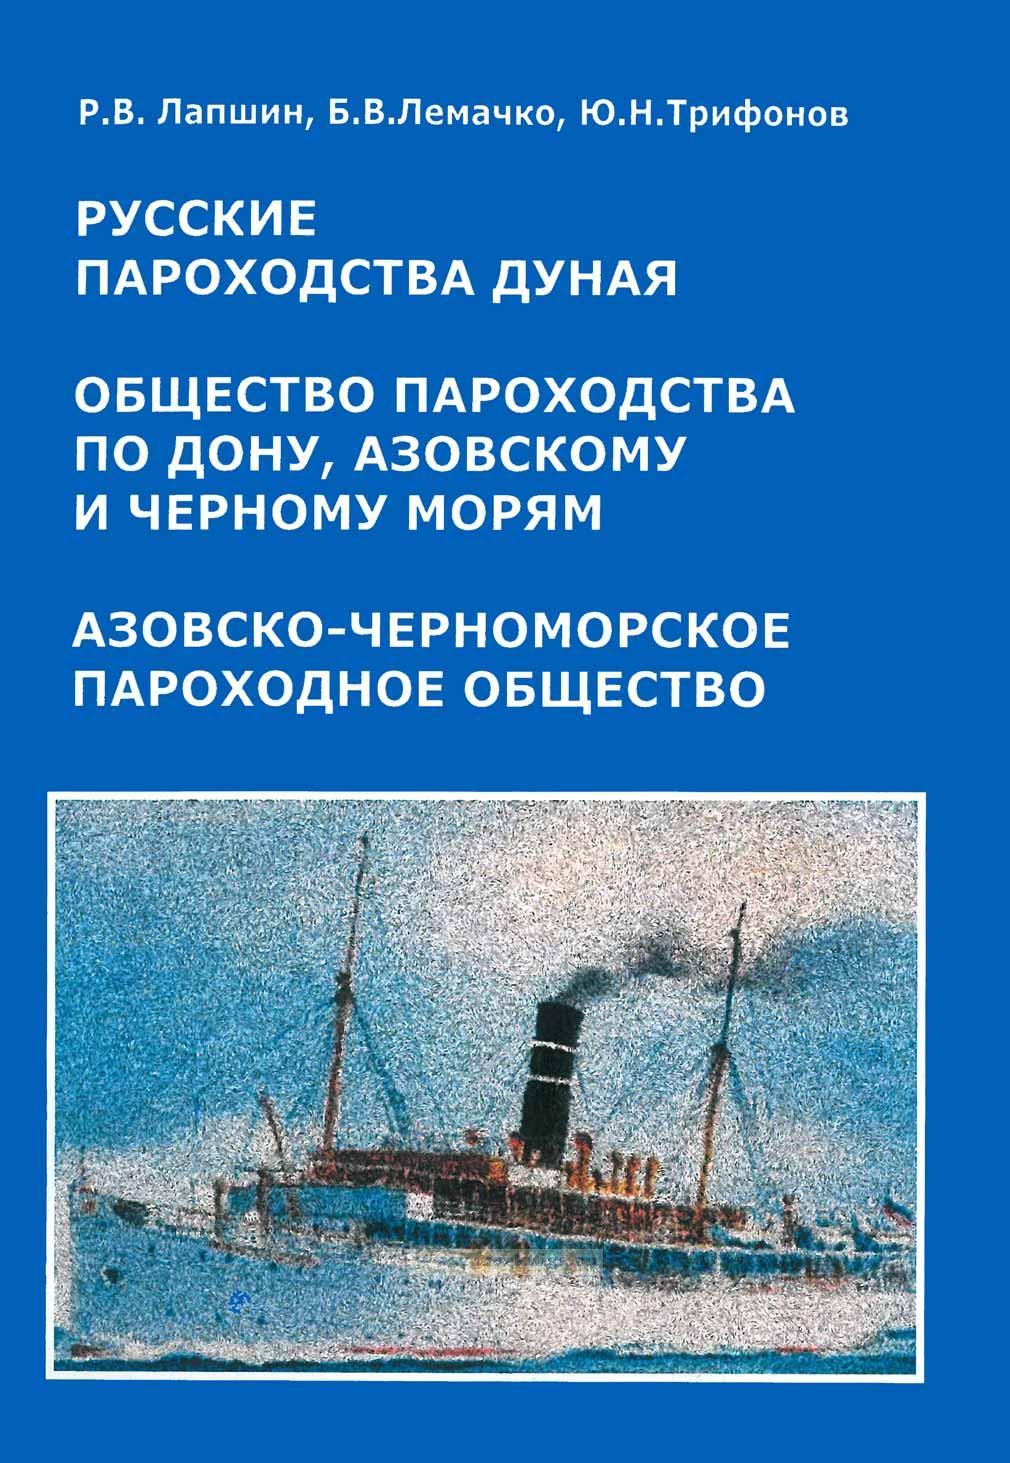 Русские пароходства Дуная. Общество пароходства по Дону, Азовскому и Черным морям. Азовско-Черноморское пароходное общество